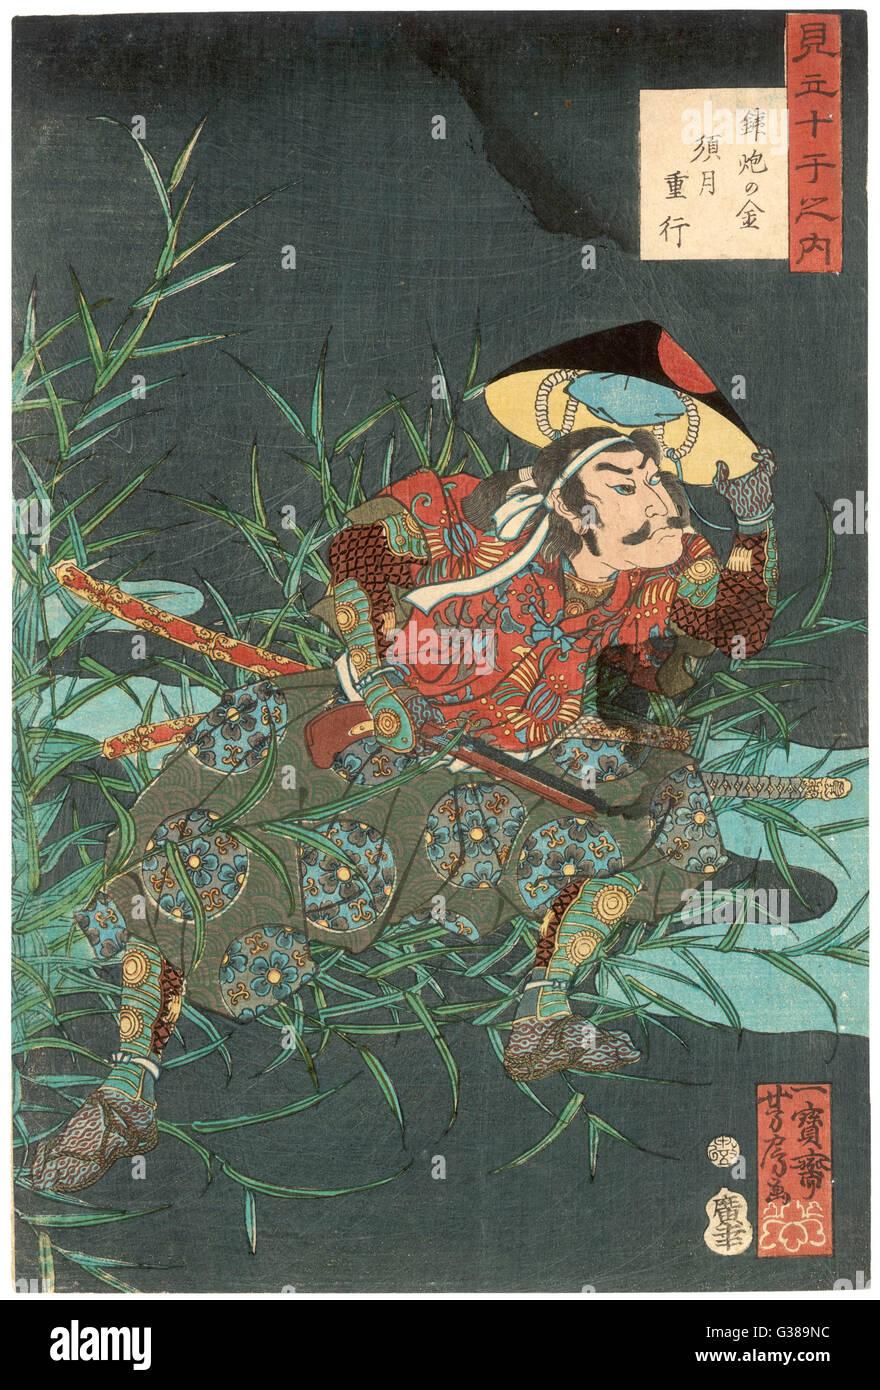 Samurai warrior on the  battlefield - Stock Image